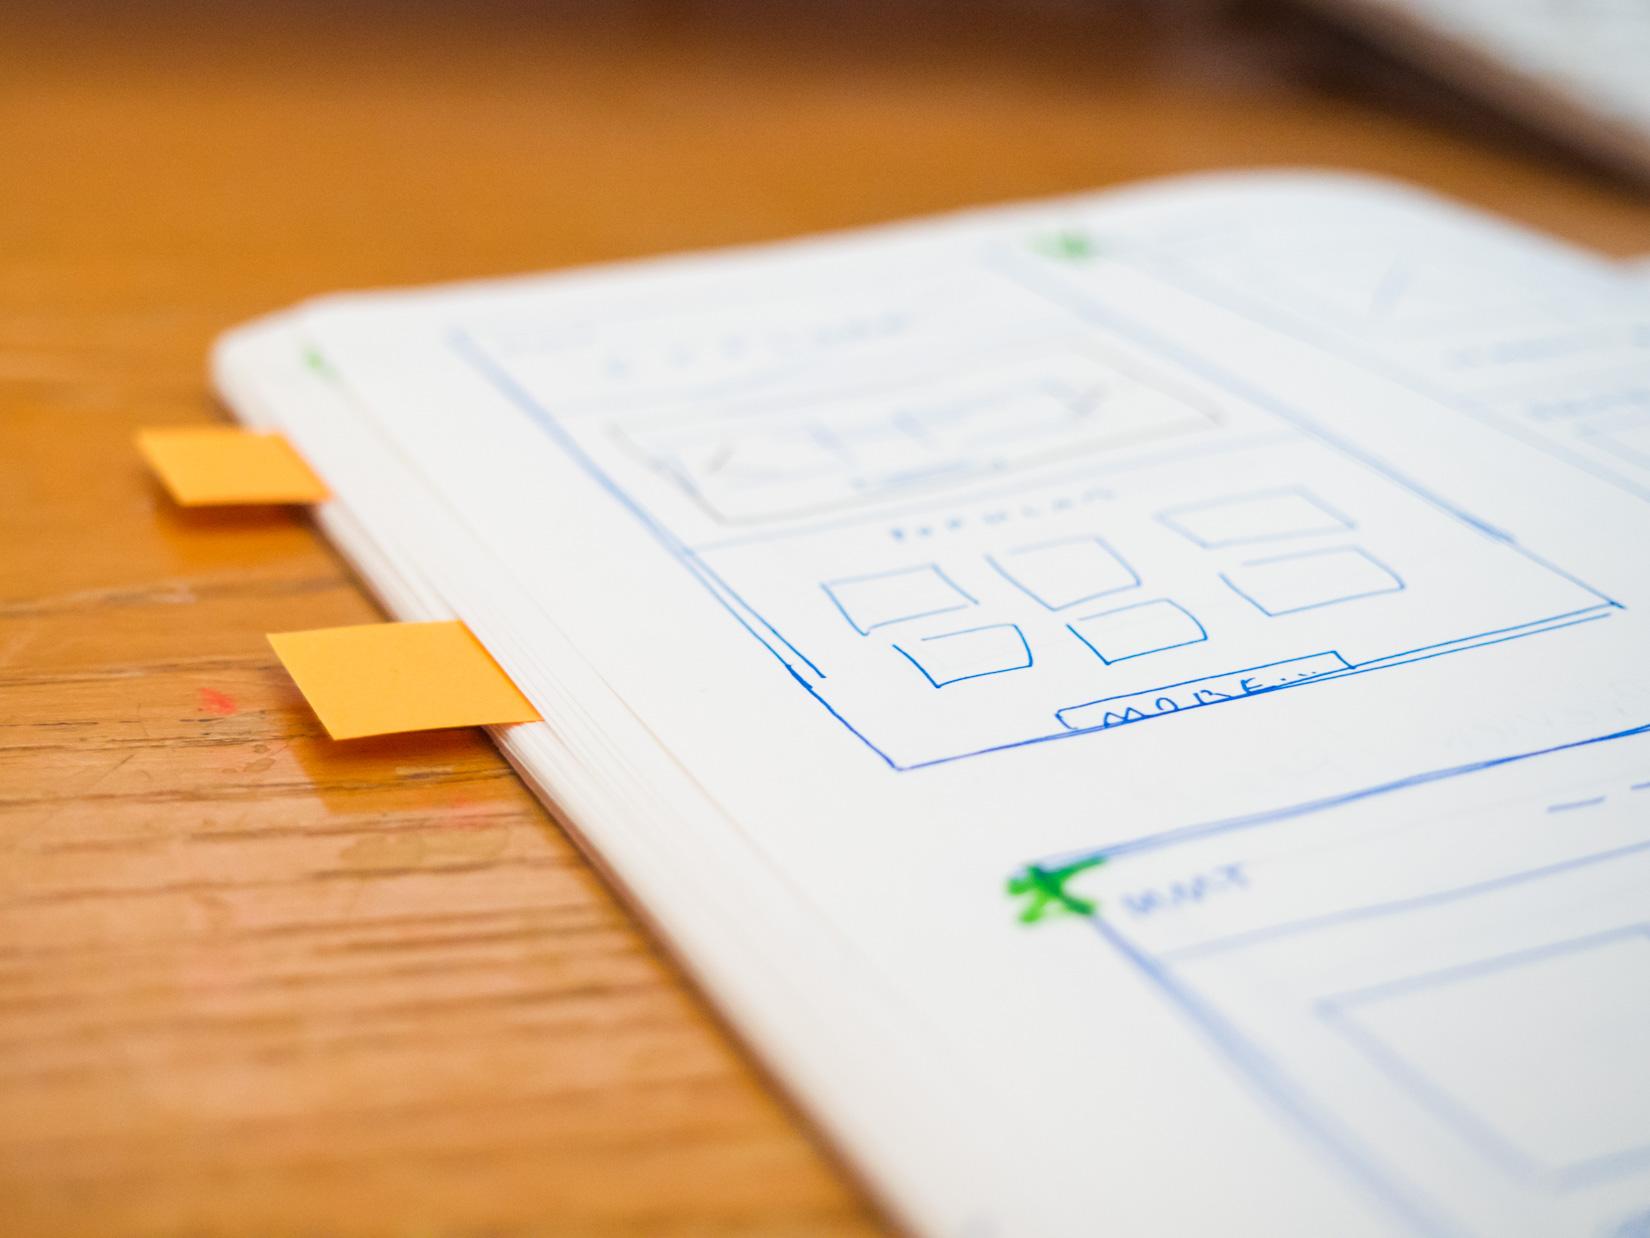 Sketchbook on Desk